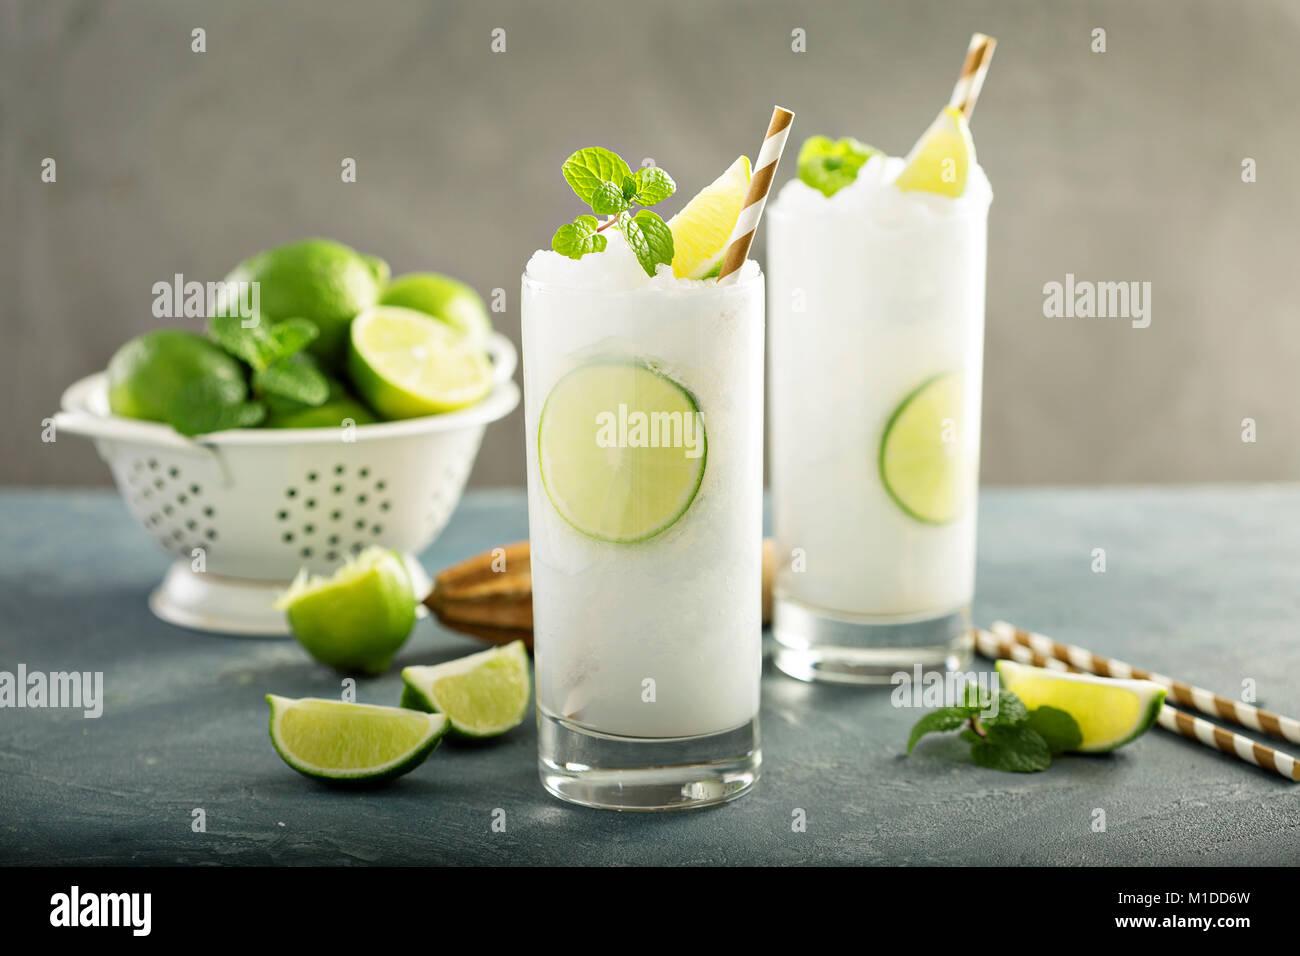 Lime rinfrescante congelati o dello scambiatore di calore slushie Immagini Stock